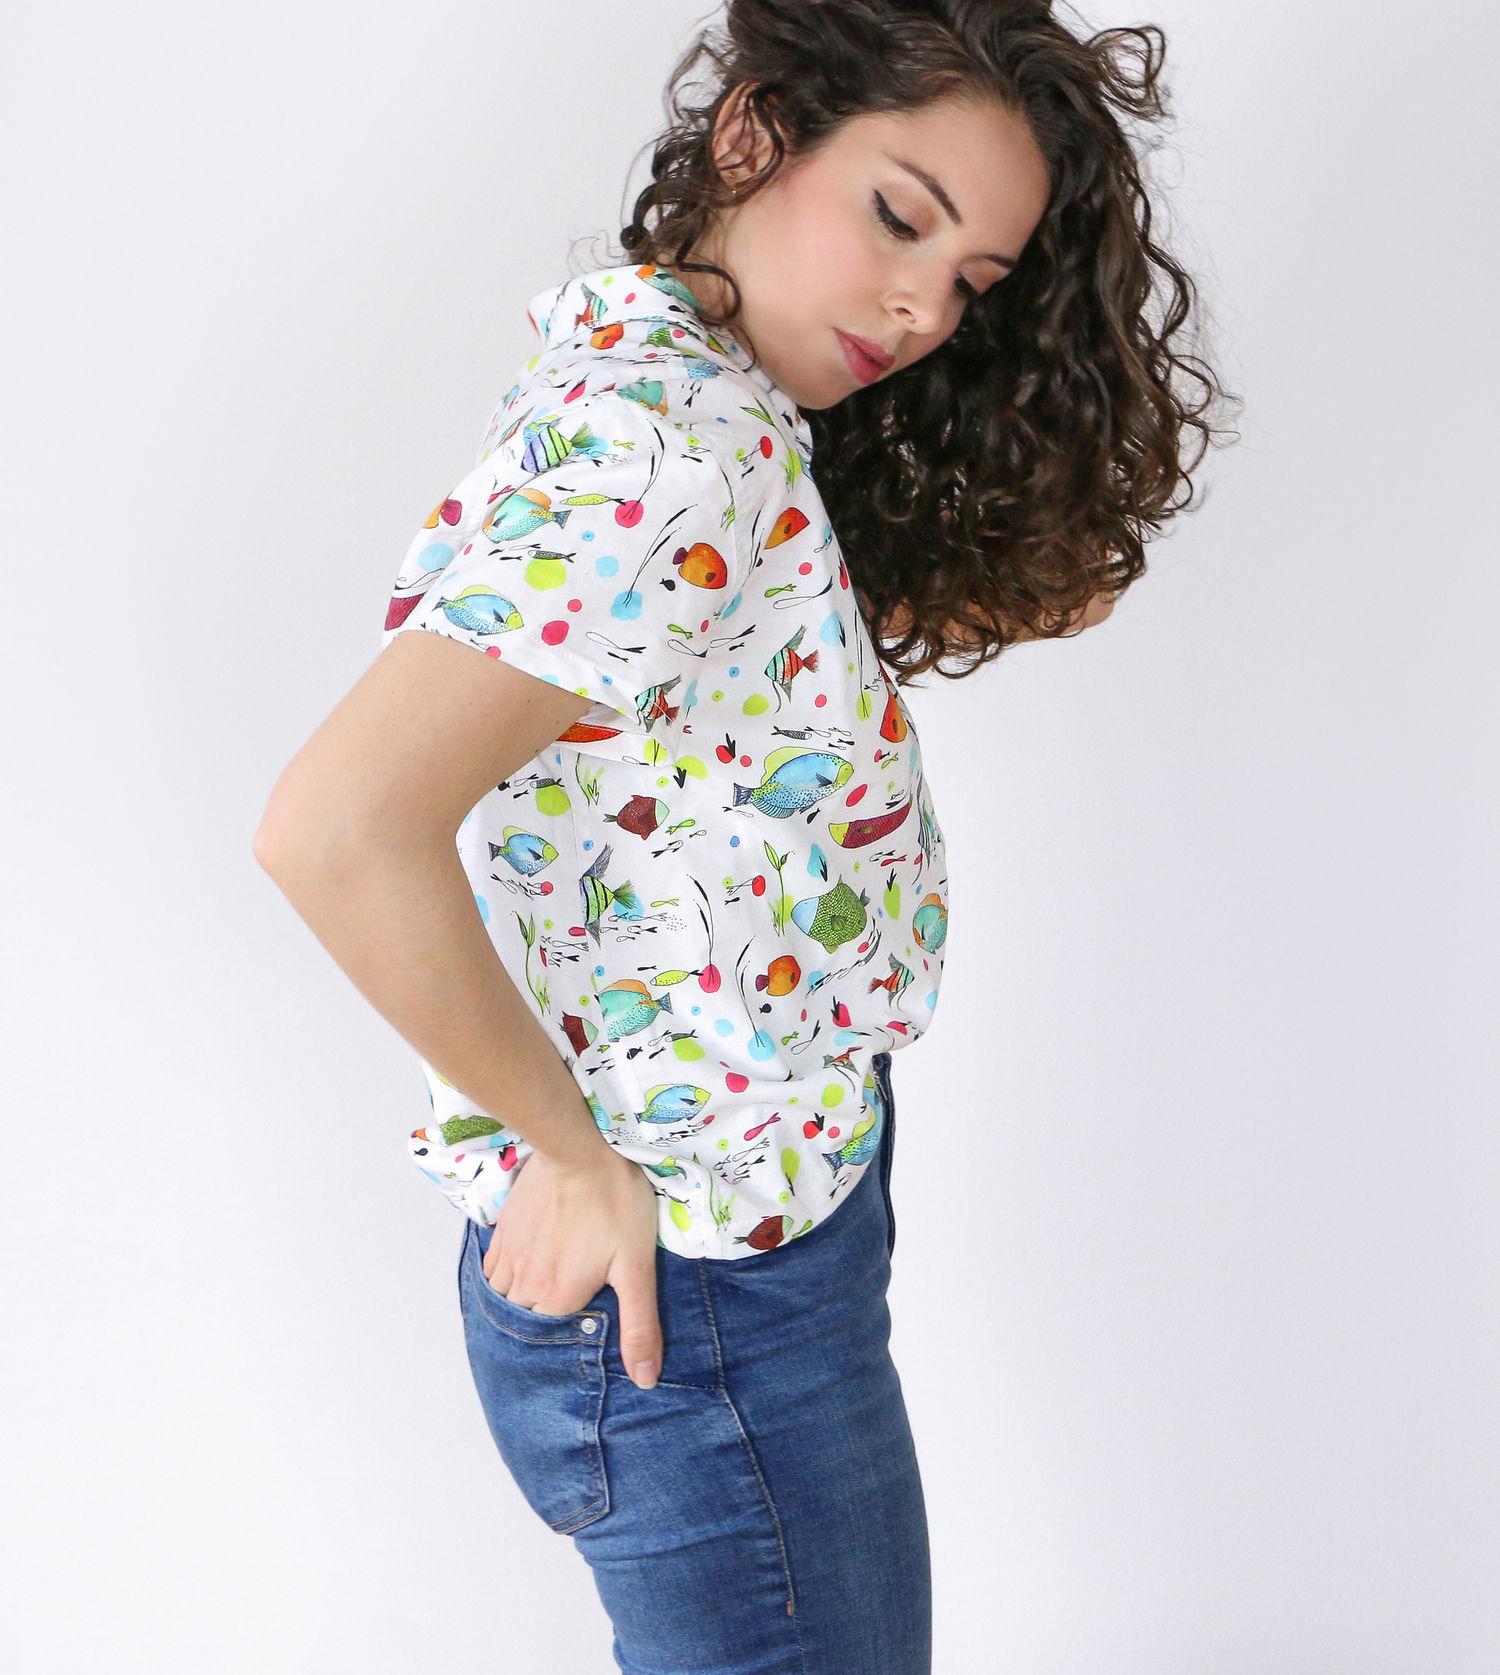 camisa_peces_perfil.jpg